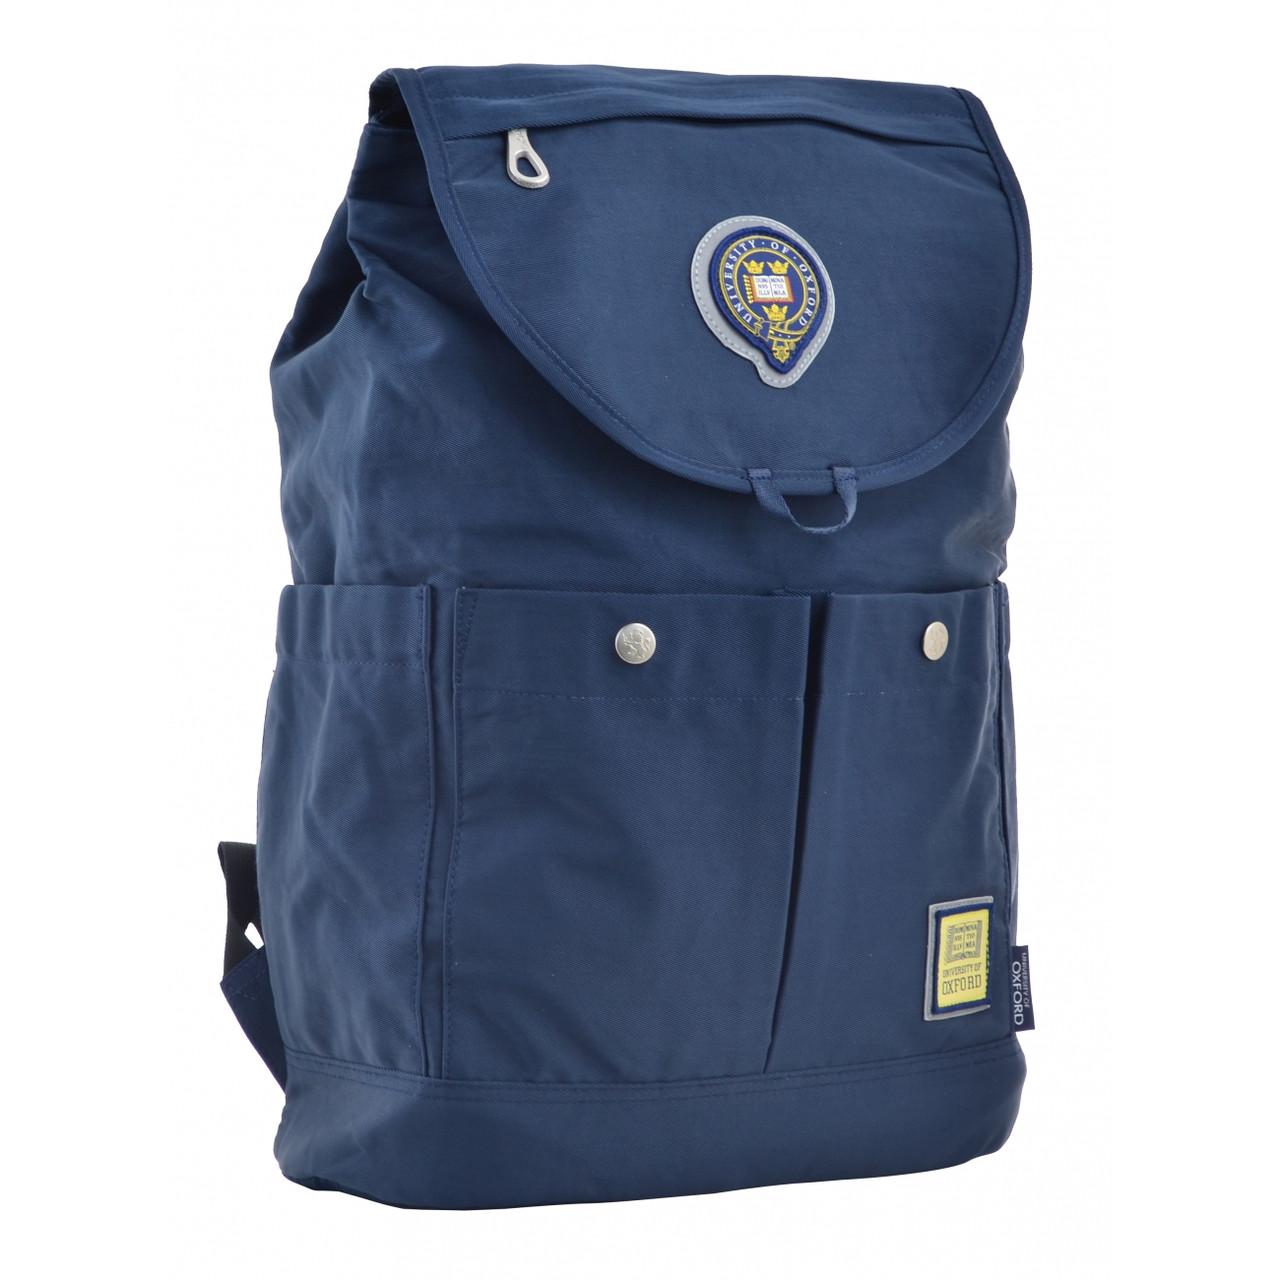 Рюкзак молодежный OX 414, 43.5*31*16, синий